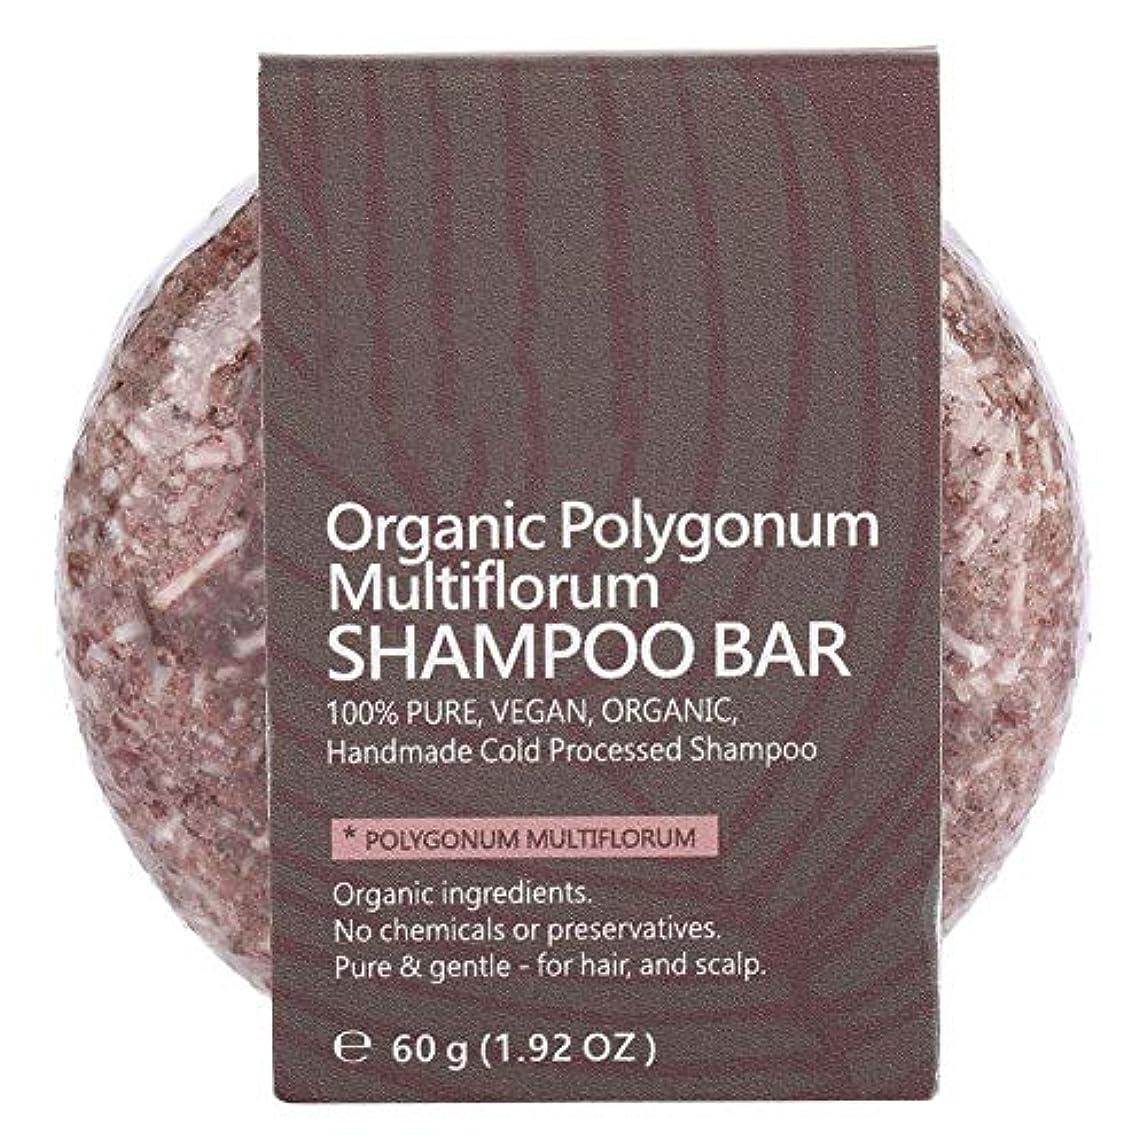 黙認する大きいロゴシャンプーバーヘアコンディショナーナチュラル植物エキスエッセンシャルオイルヘアシャンプーソープナイトシャンプーヘアトリートメント (ポリゴンム)